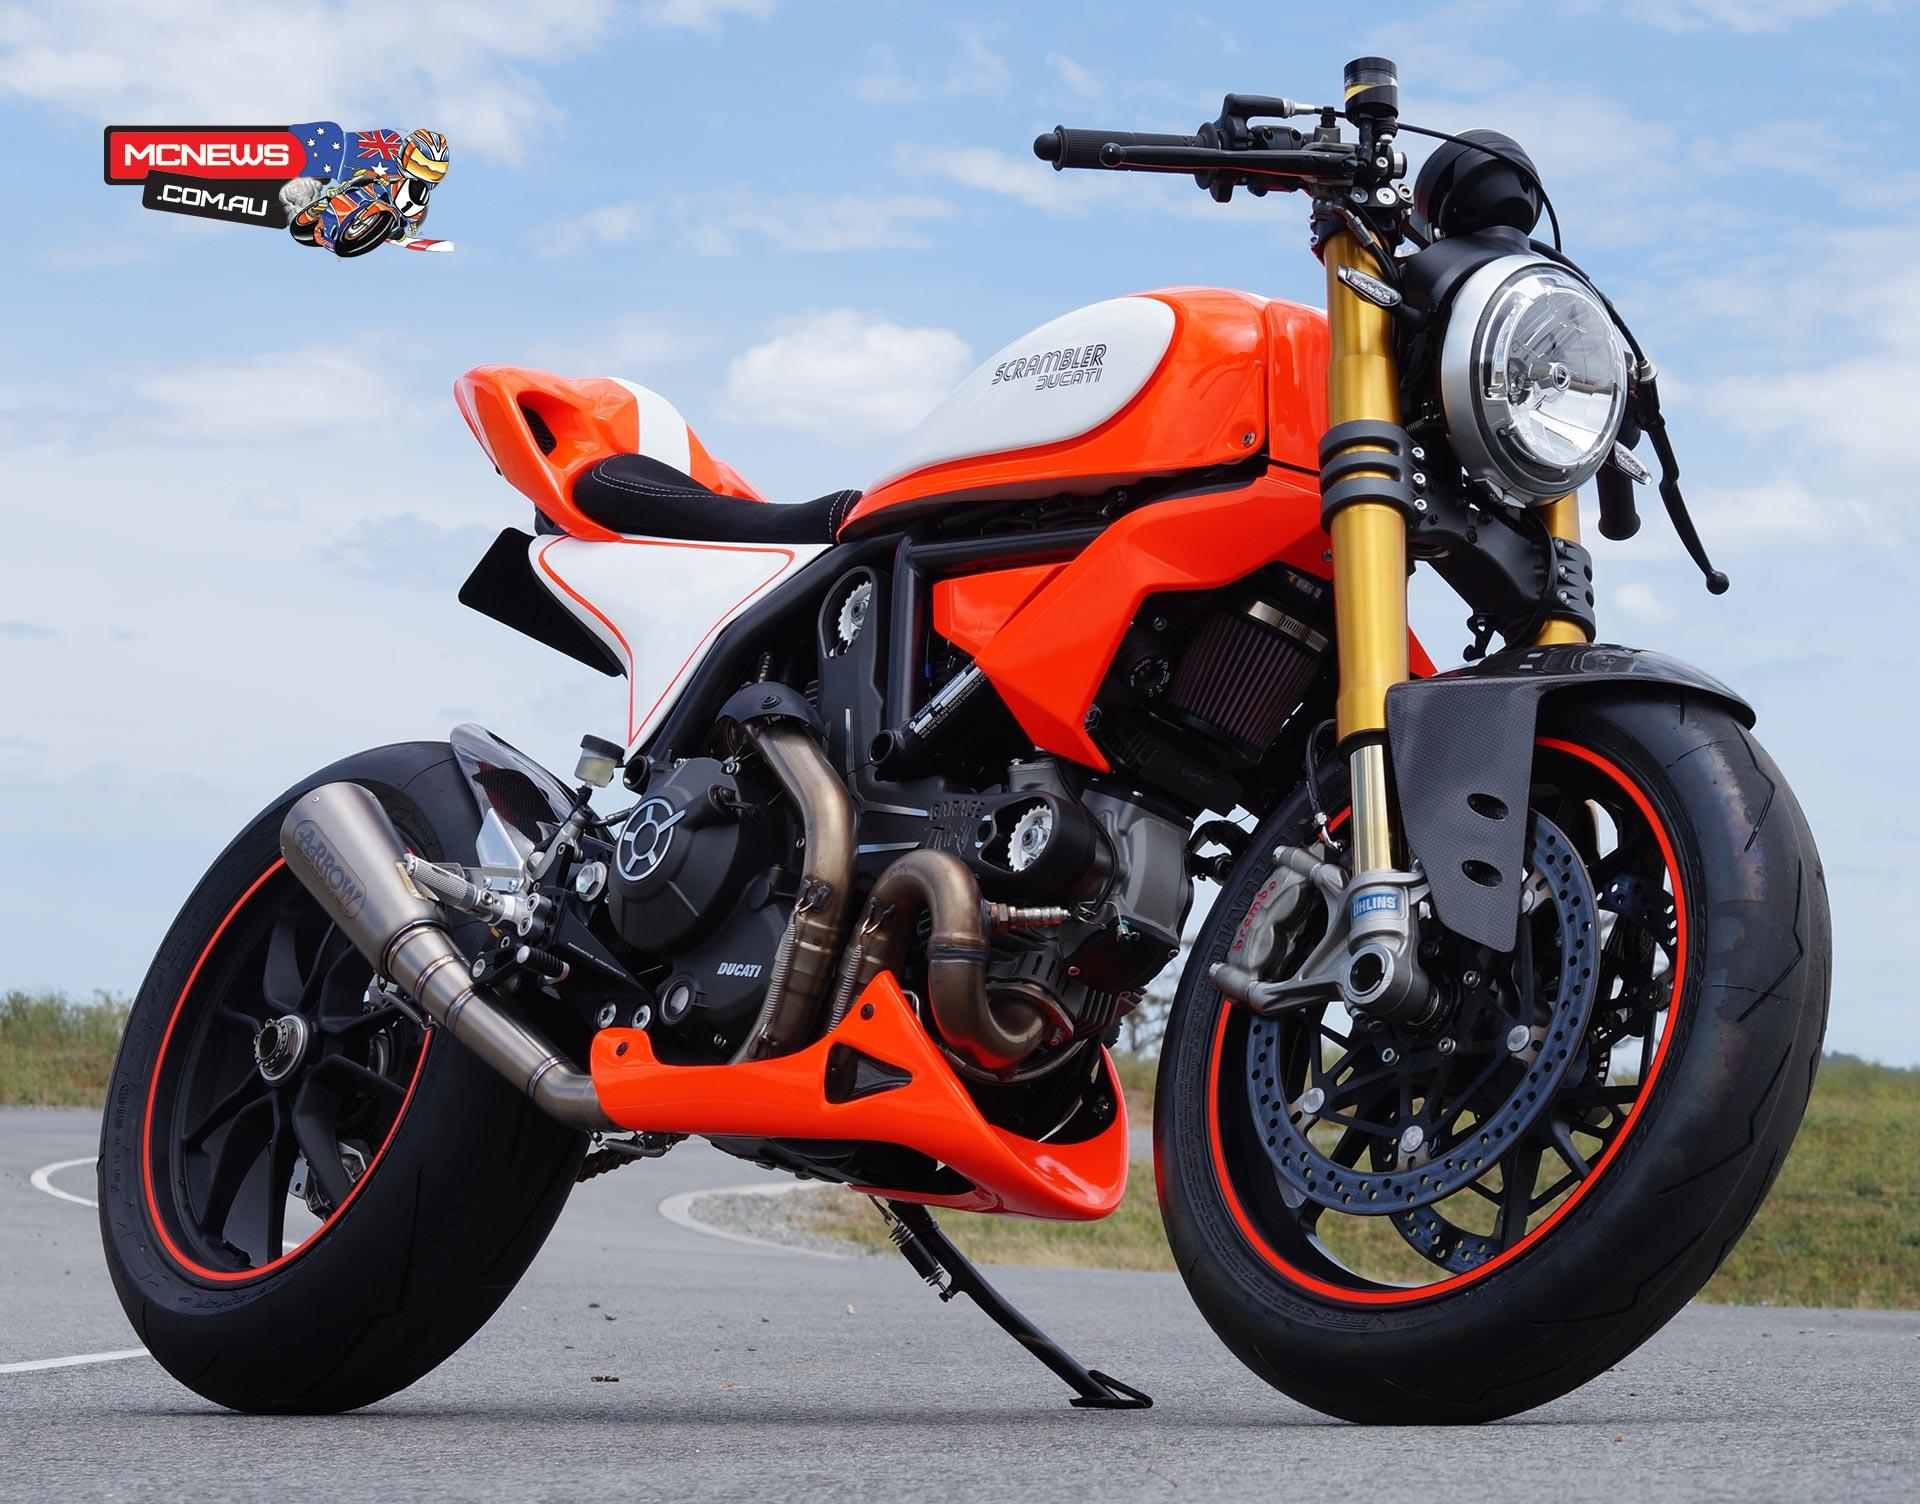 Ducati Scrambler Custom Specials | Top 5 | MCNews.com.au